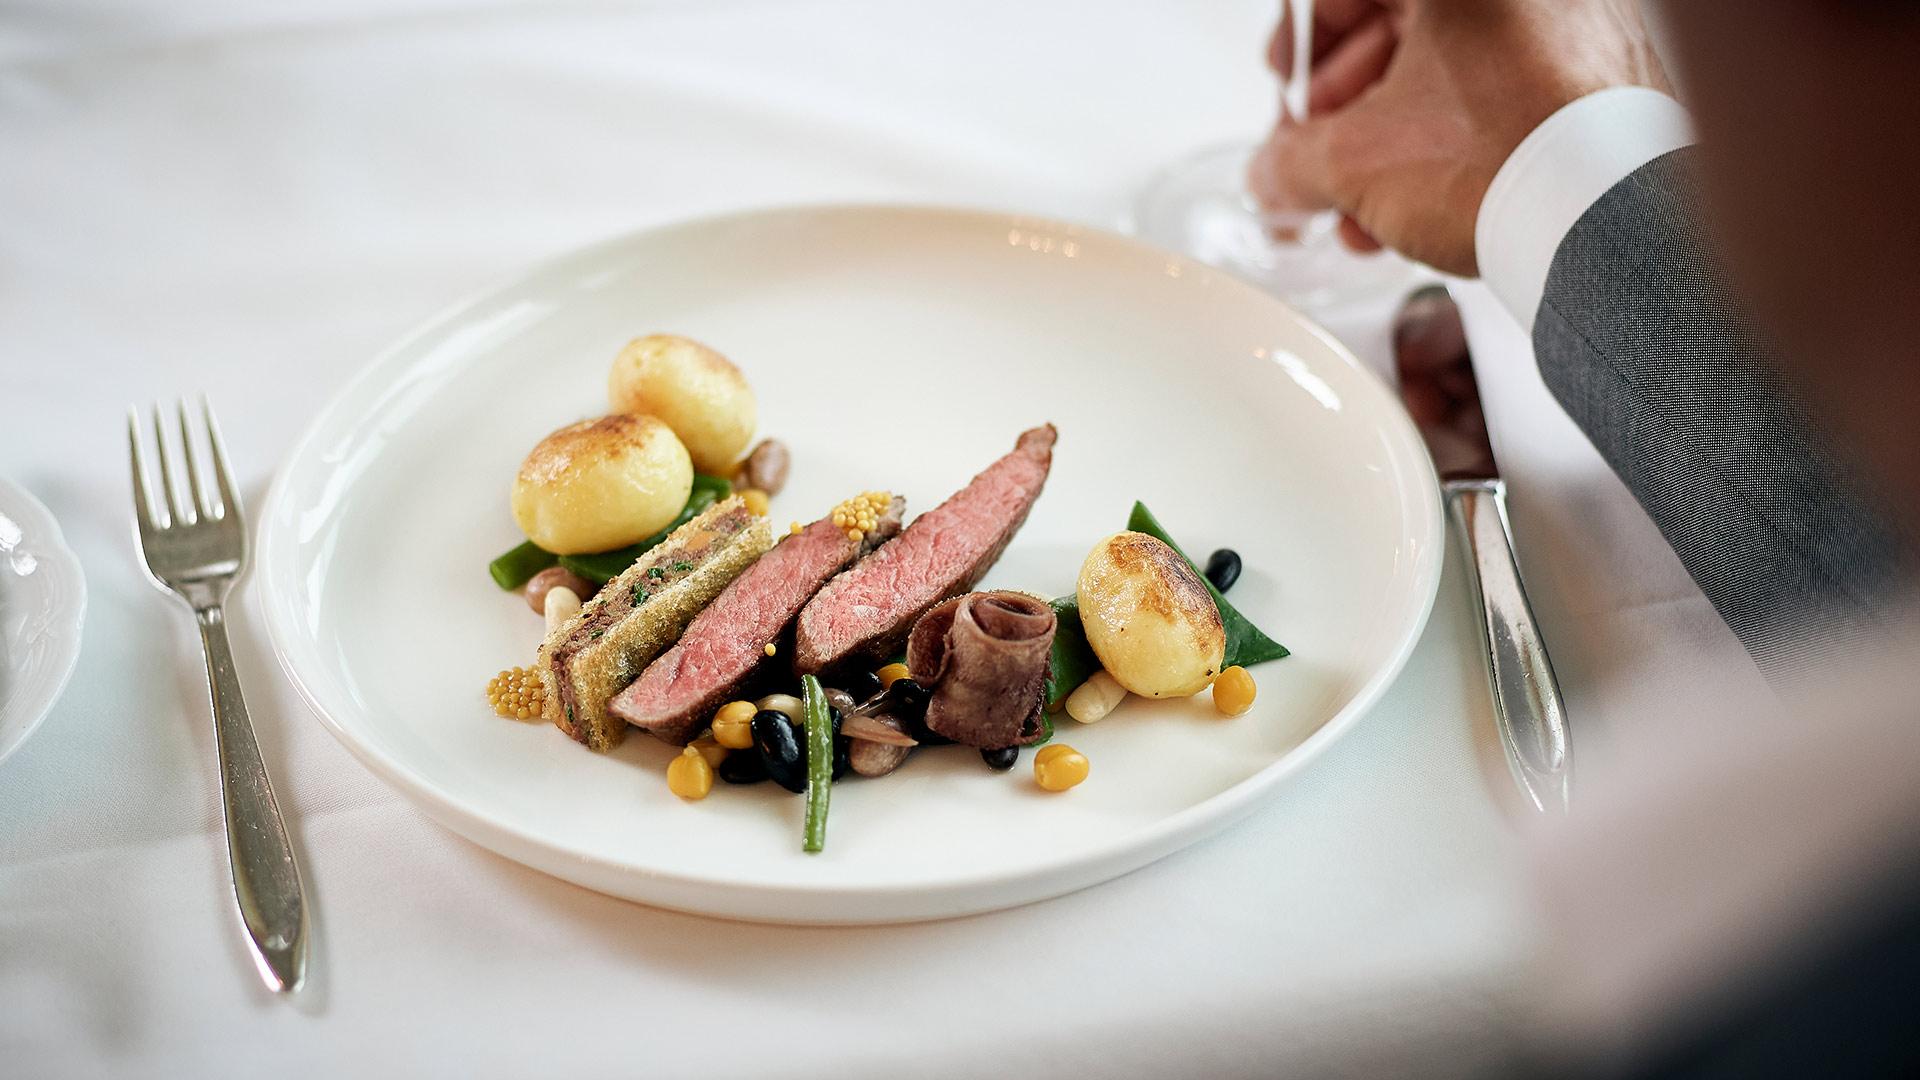 restaurant-belvedere-spiez-gericht-fleisch-kartoffeln-gemuese.jpg